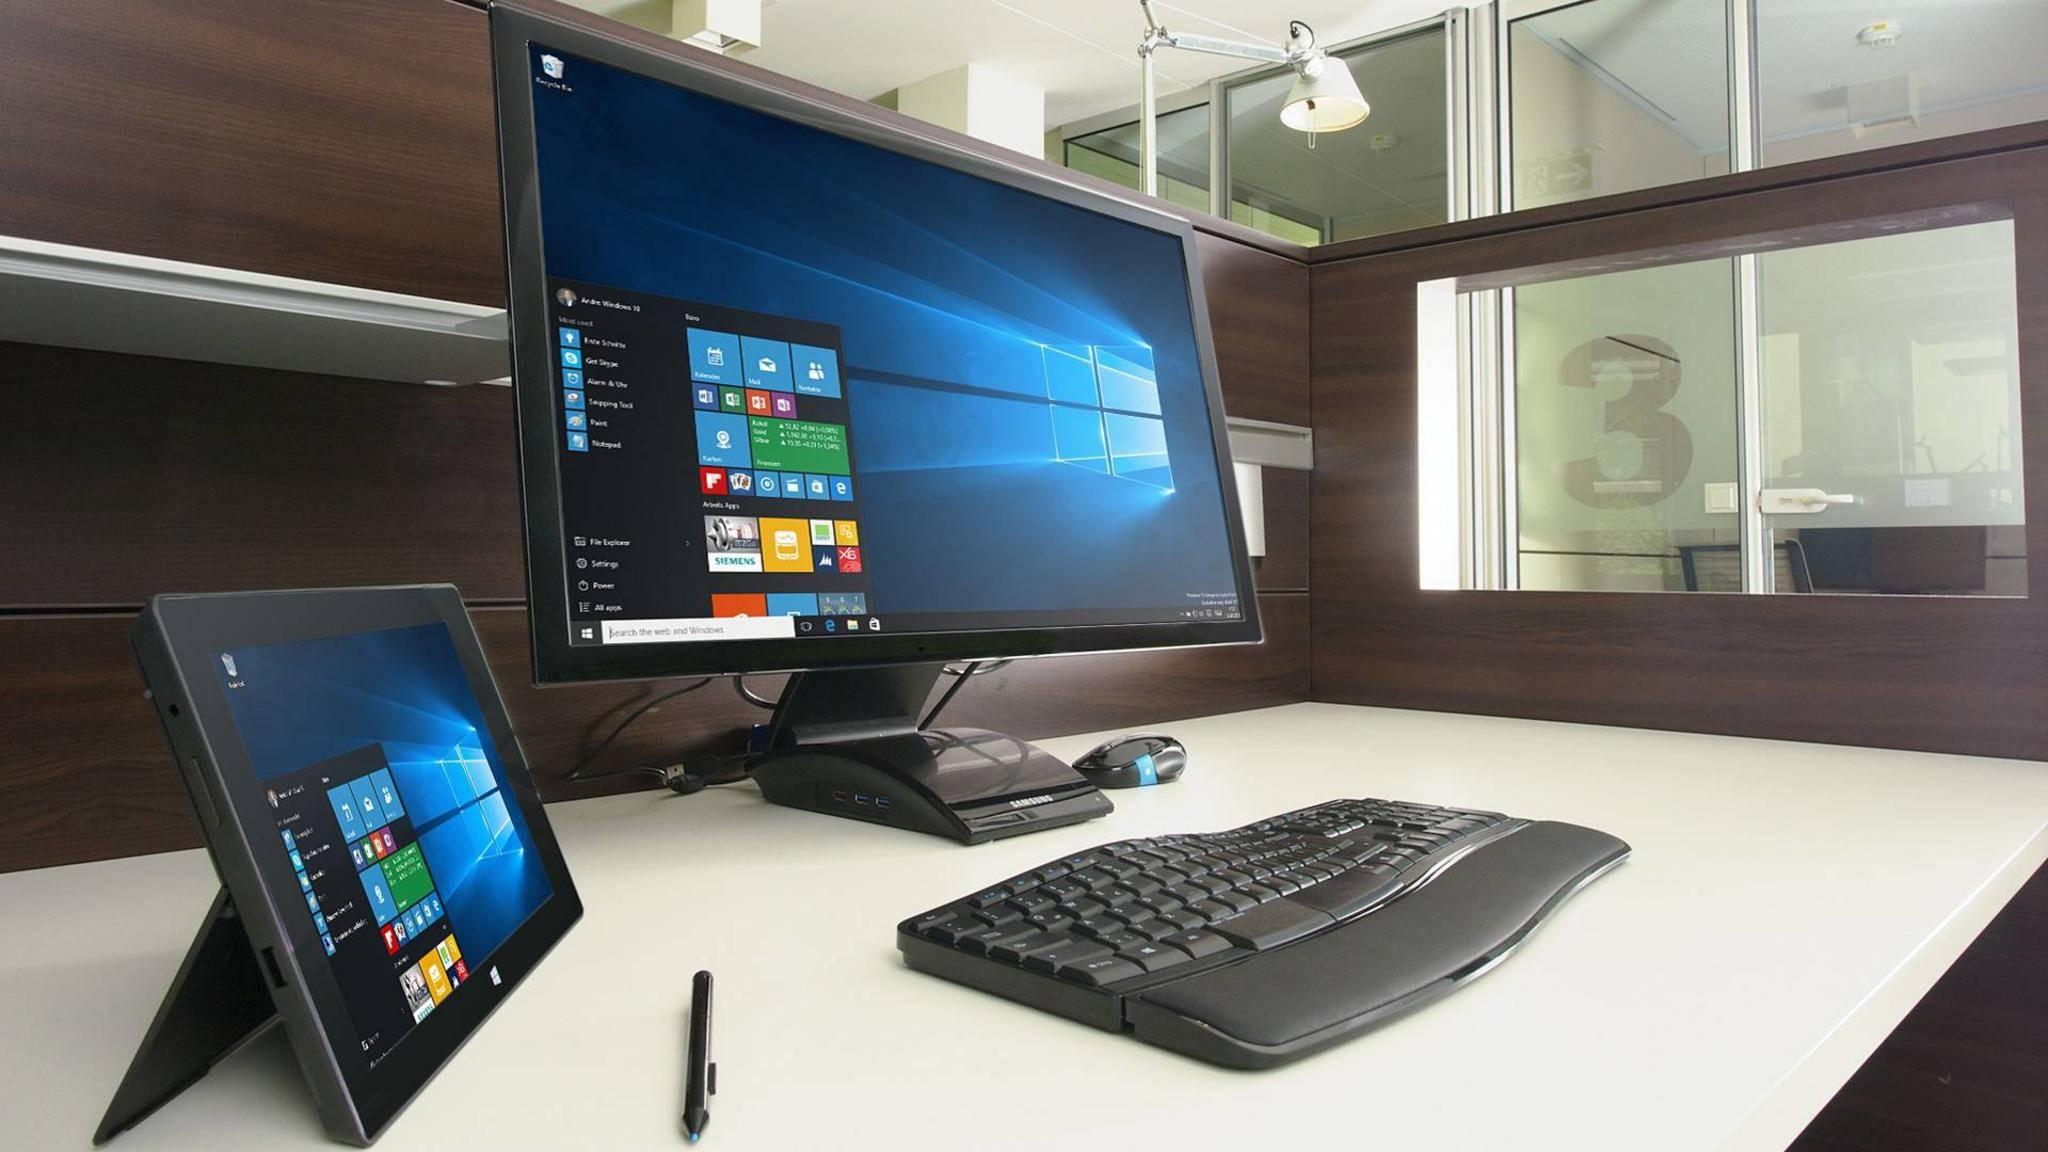 Du kannst auf dem Windows 10-Sperrbildschirm mit wenigen Klicks eigene Bilder verwenden.